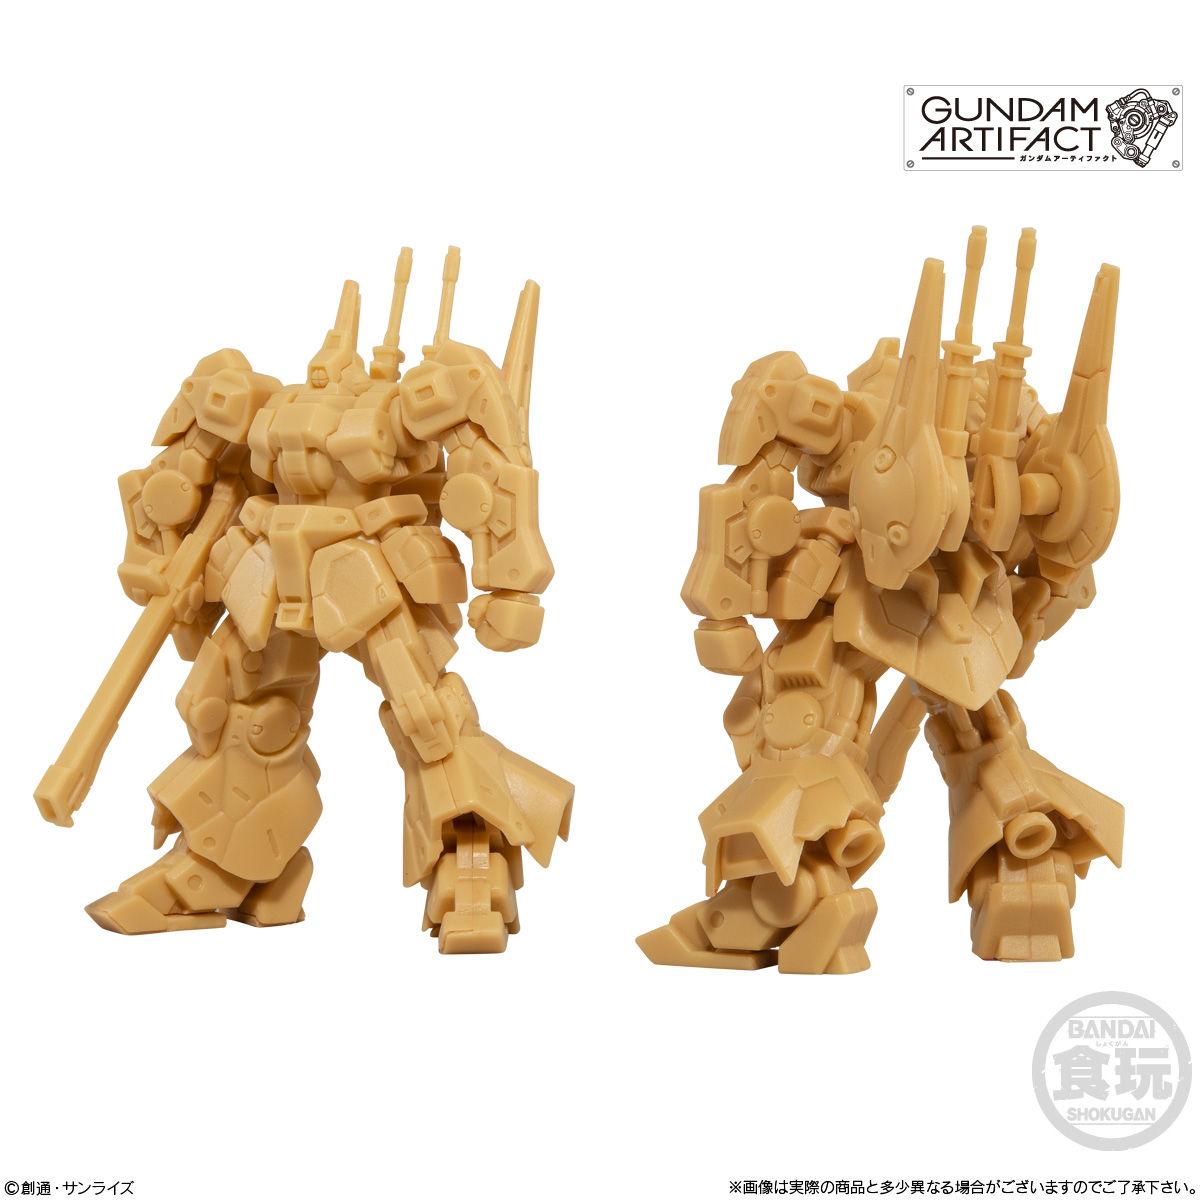 【食玩】機動戦士ガンダム『ガンダムアーティファクト』プラ製ミニキット 10個入りBOX-002